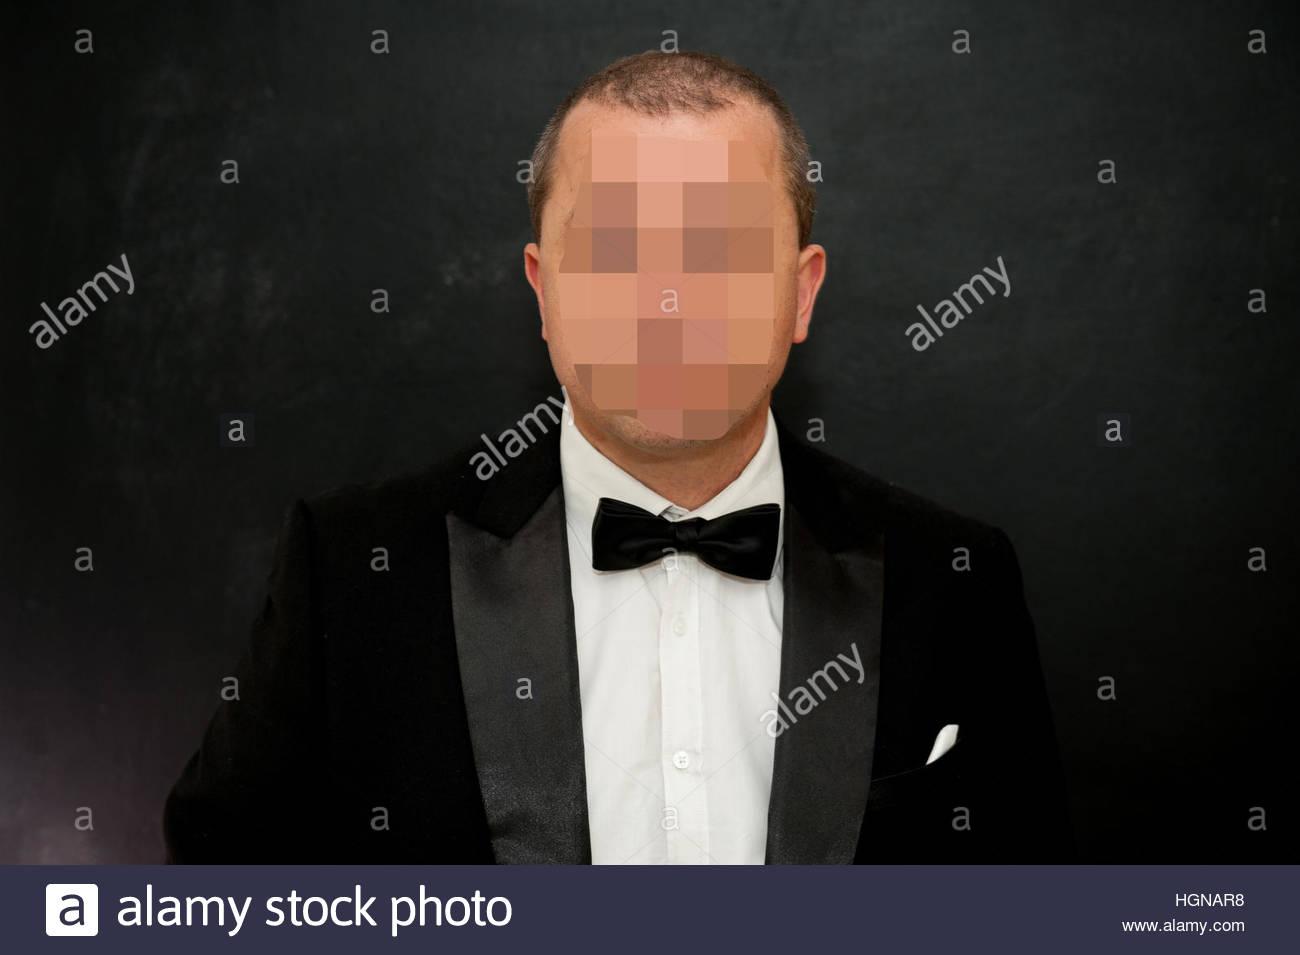 Uomo pixellated giacca e di con cravatta prua di faccia indossare 7rqBw7Z